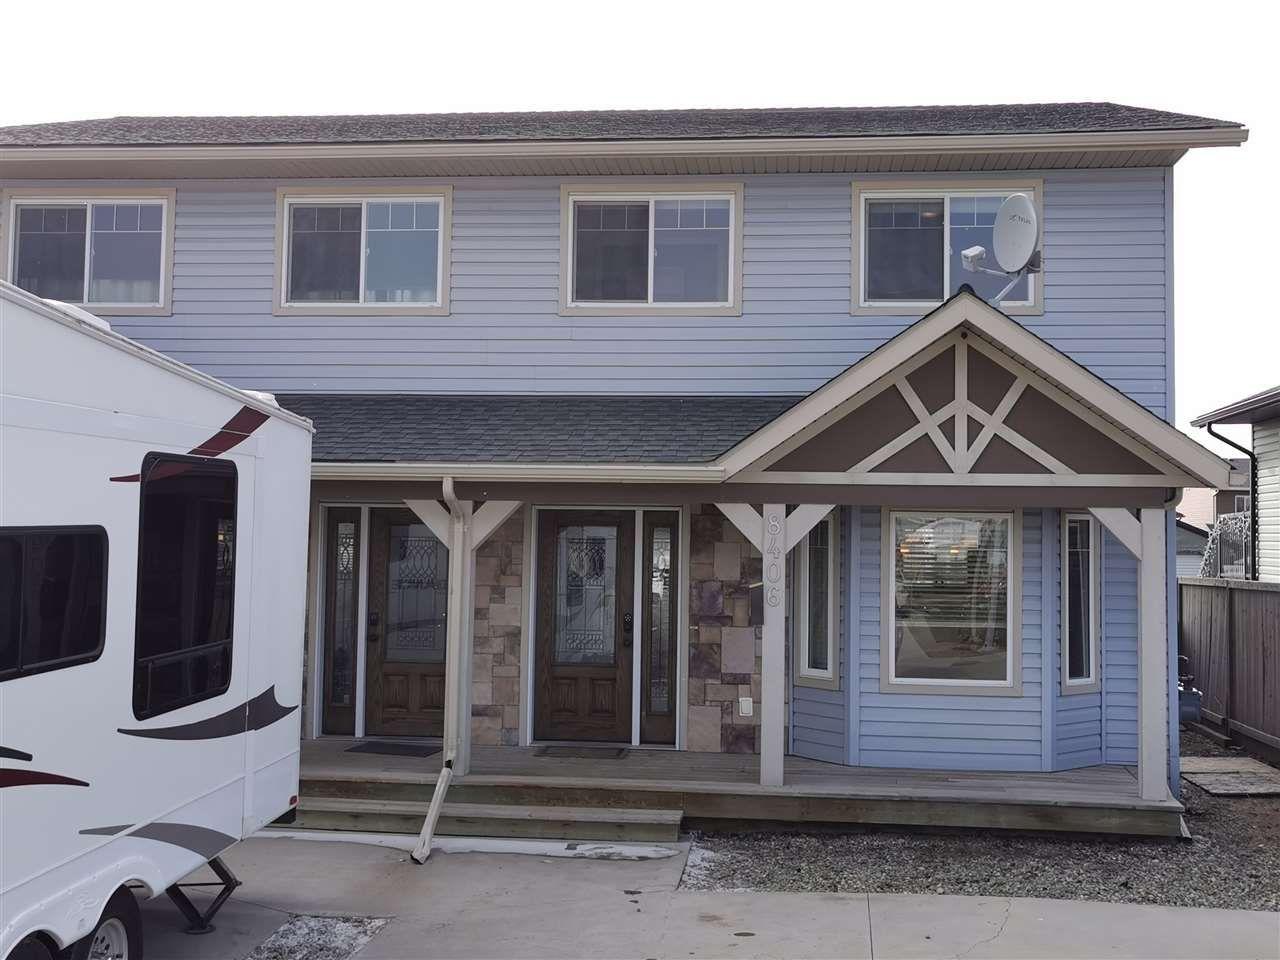 Main Photo: 8406 87 Street in Fort St. John: Fort St. John - City SE 1/2 Duplex for sale (Fort St. John (Zone 60))  : MLS®# R2564392